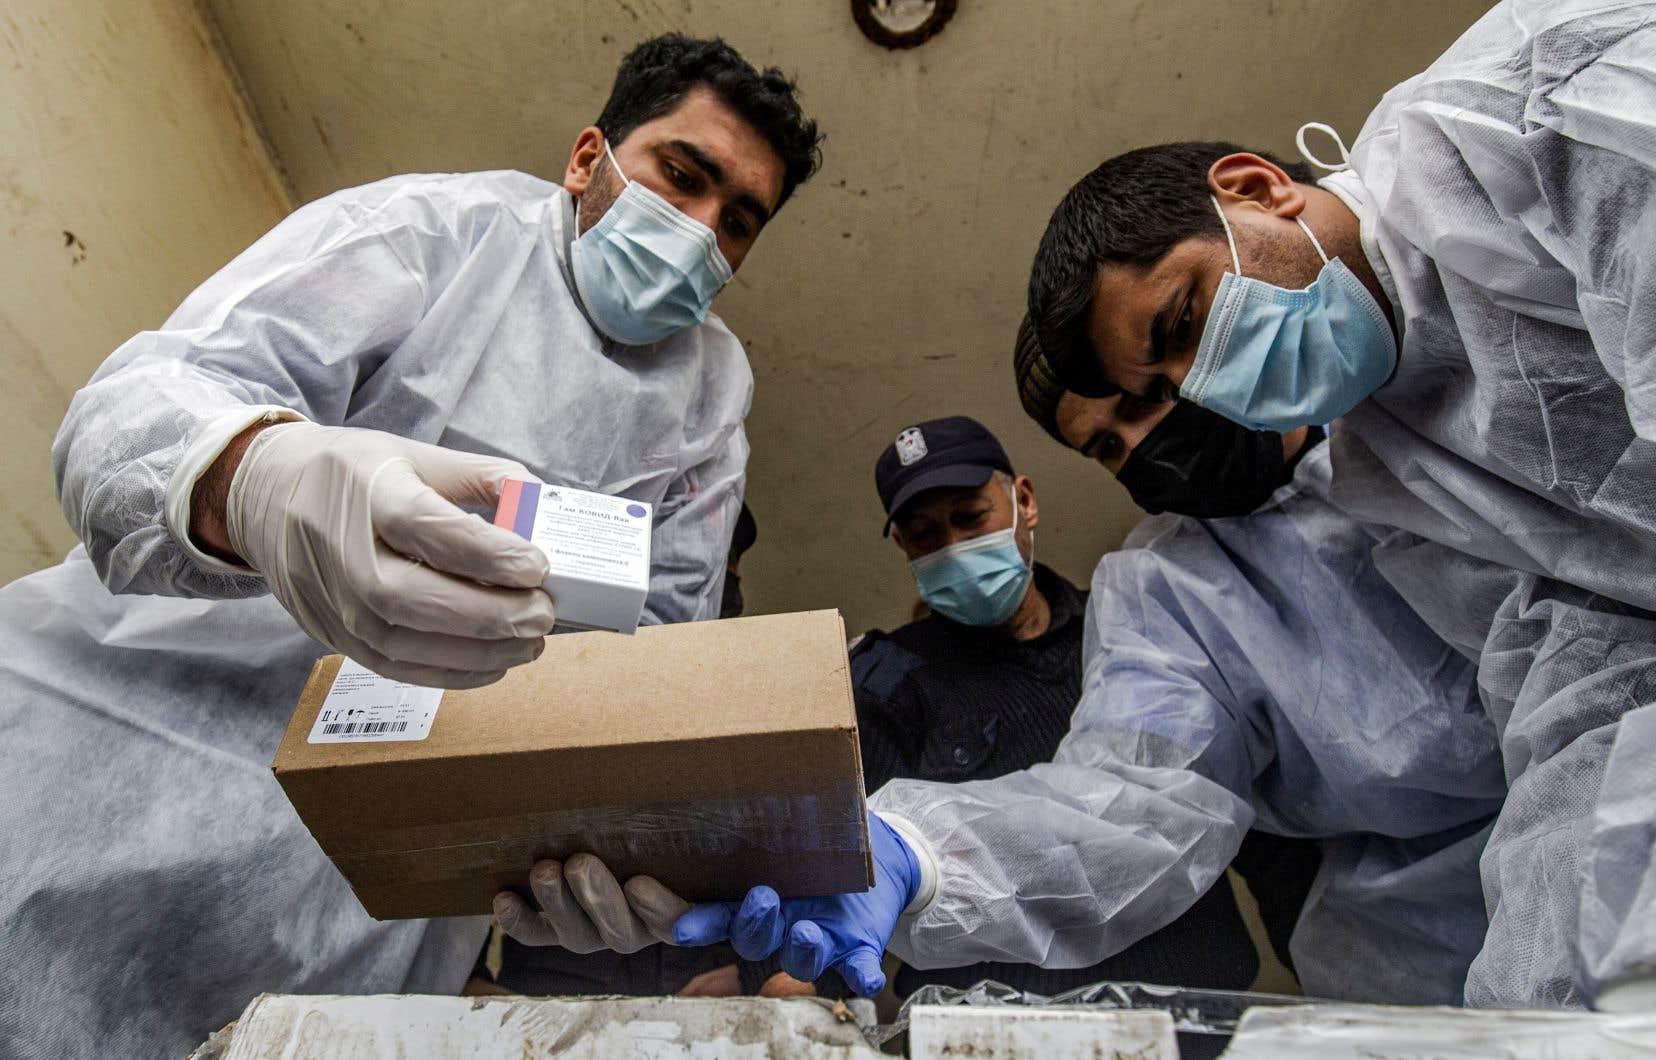 Des travailleurs de la santé palestiniens déchargent un premier lot de 2000 doses du vaccin russe Spoutnik V à Gaza, le 17 février 2021.